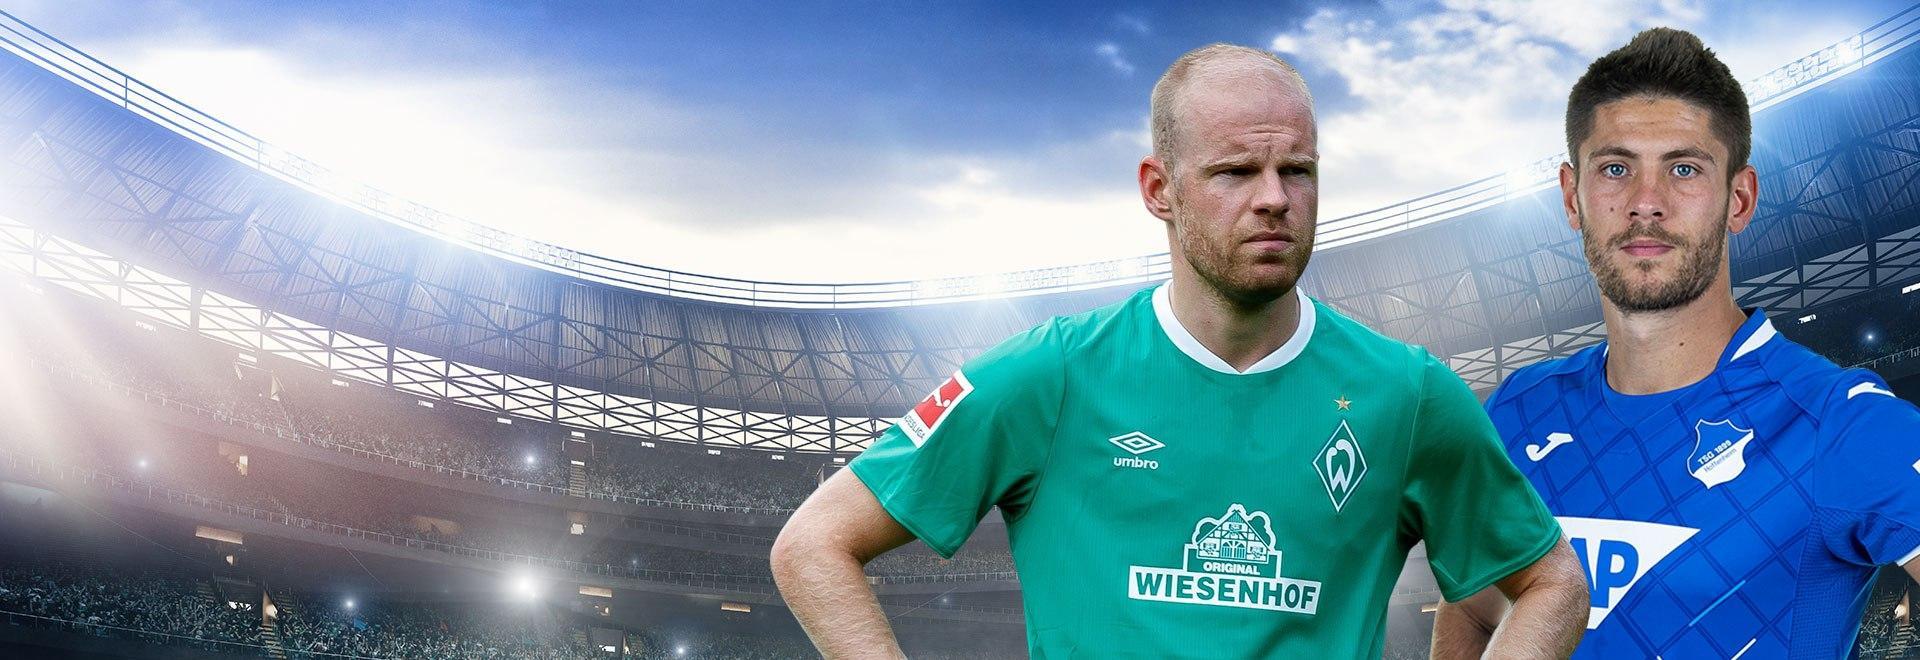 Werder Brema - Hoffenheim